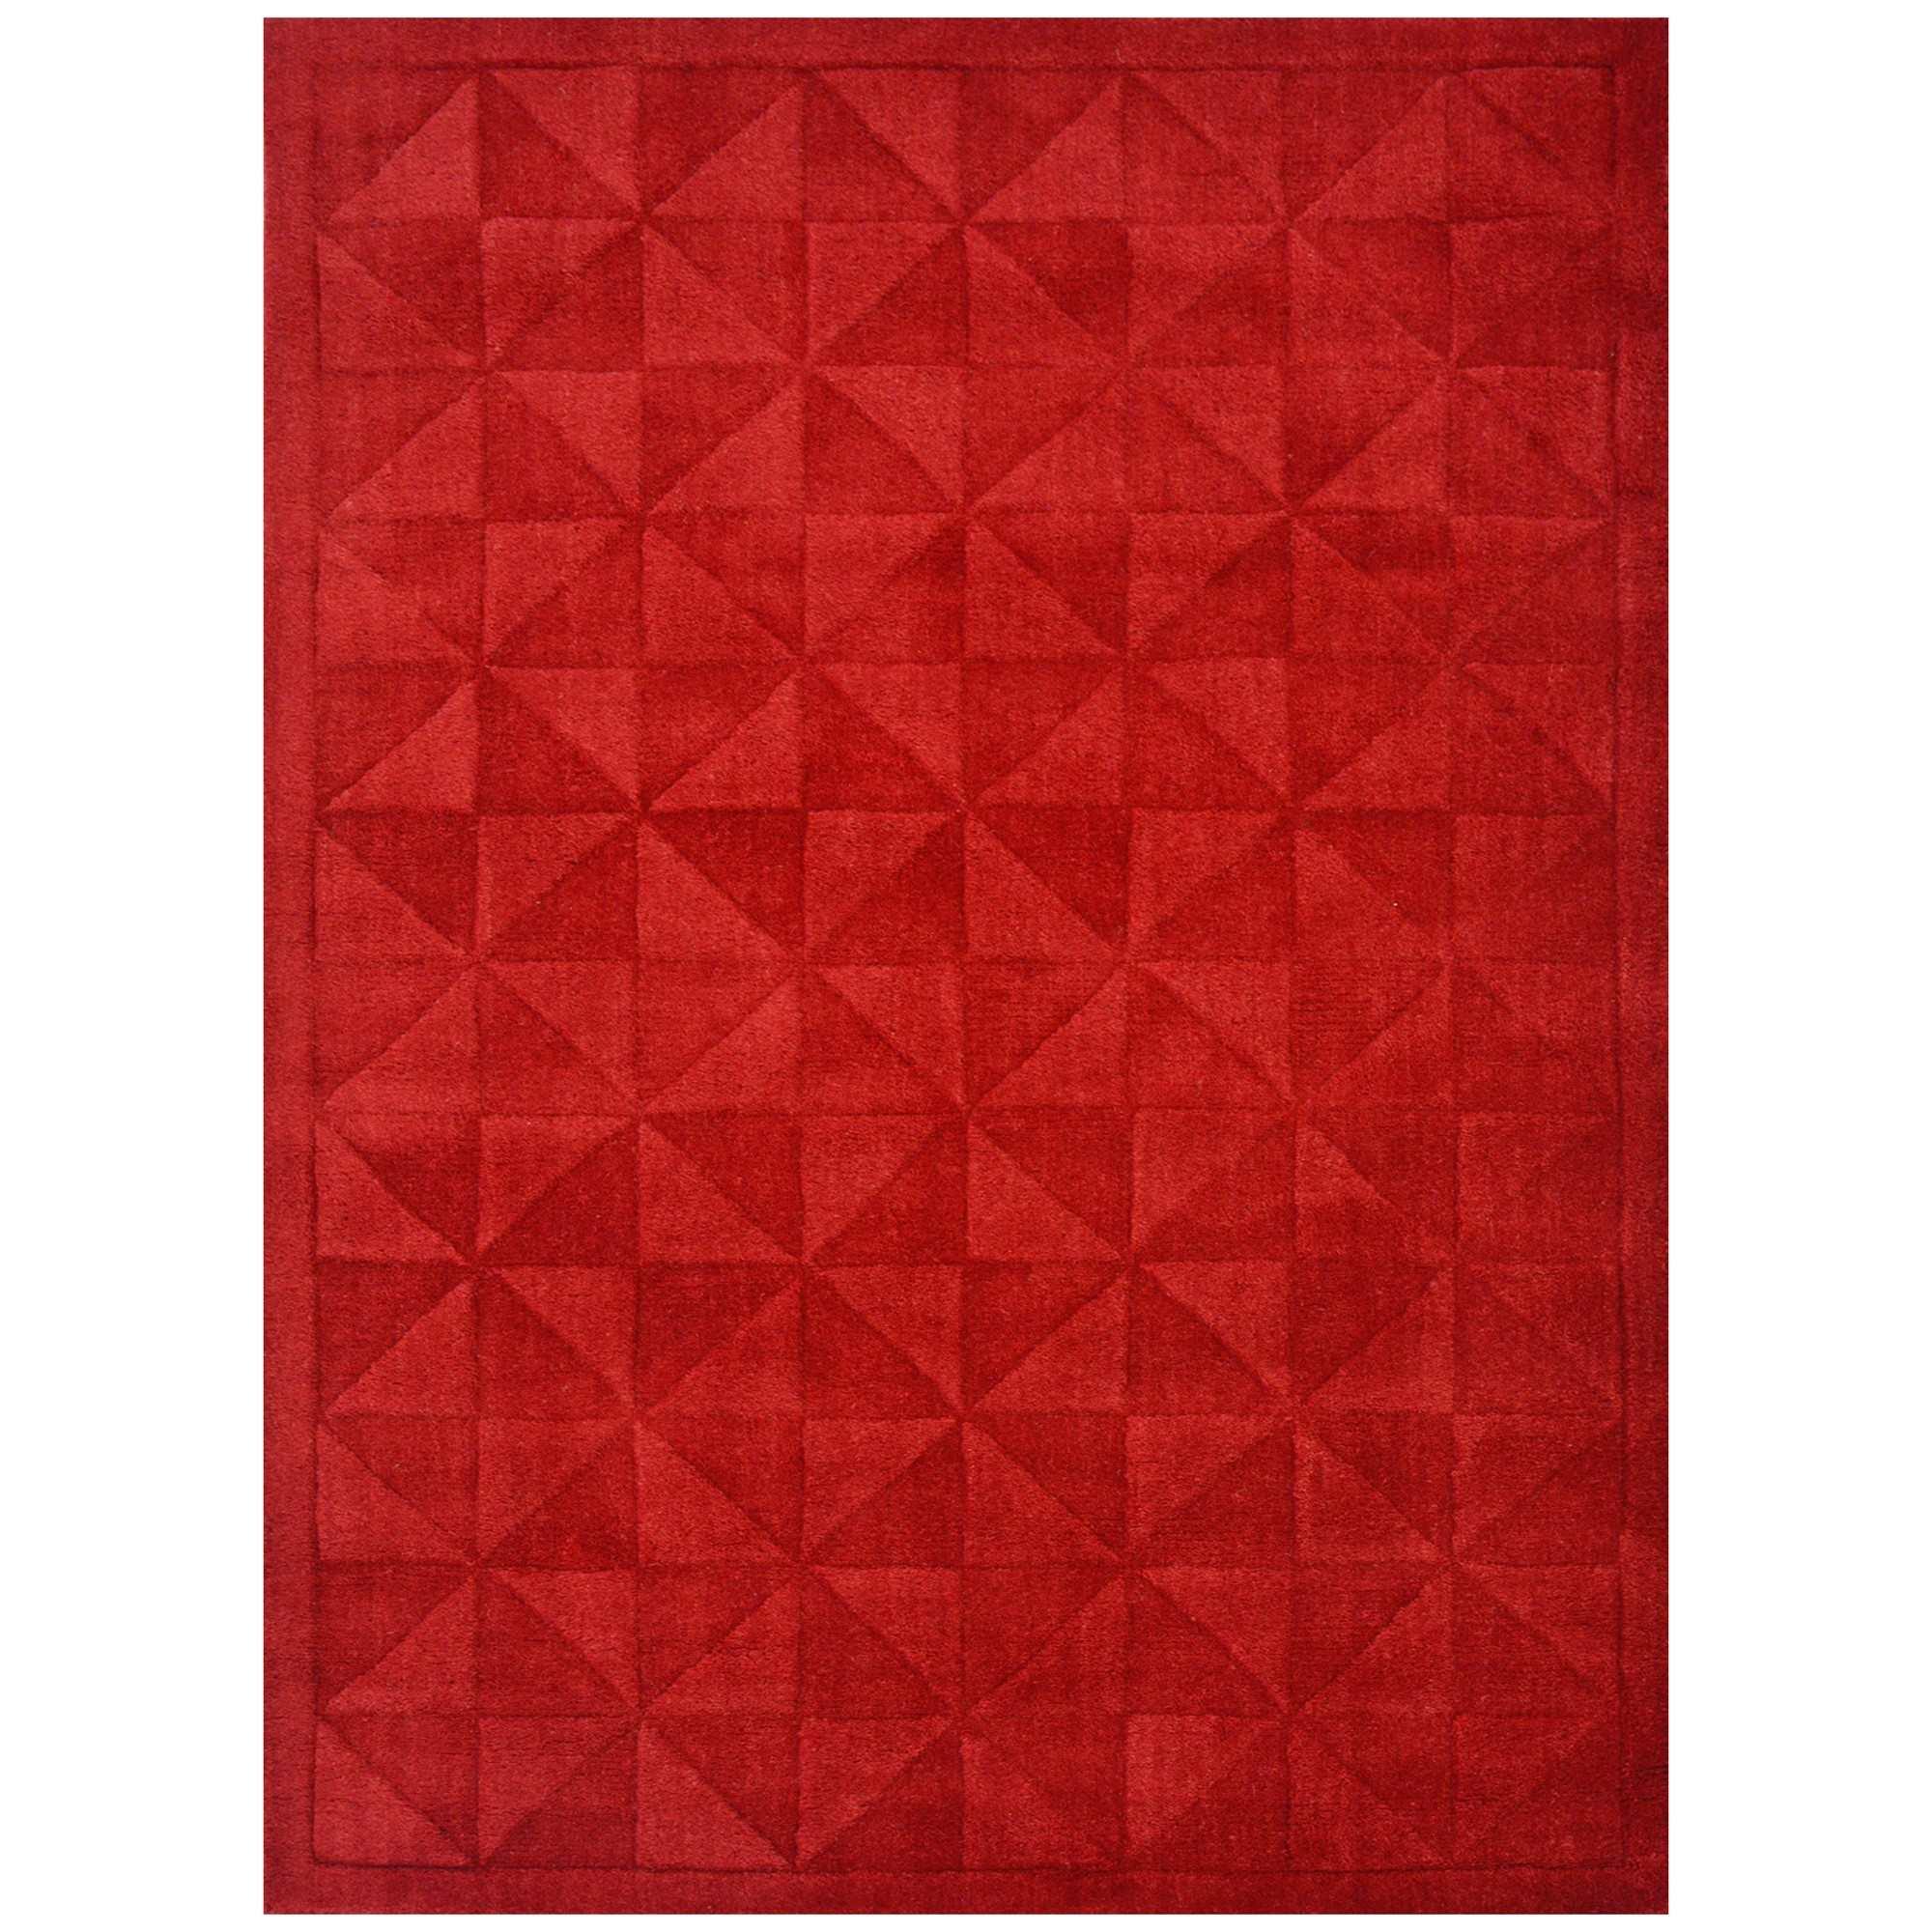 Caberston Modern Wool Rug, 160x110cm, Red